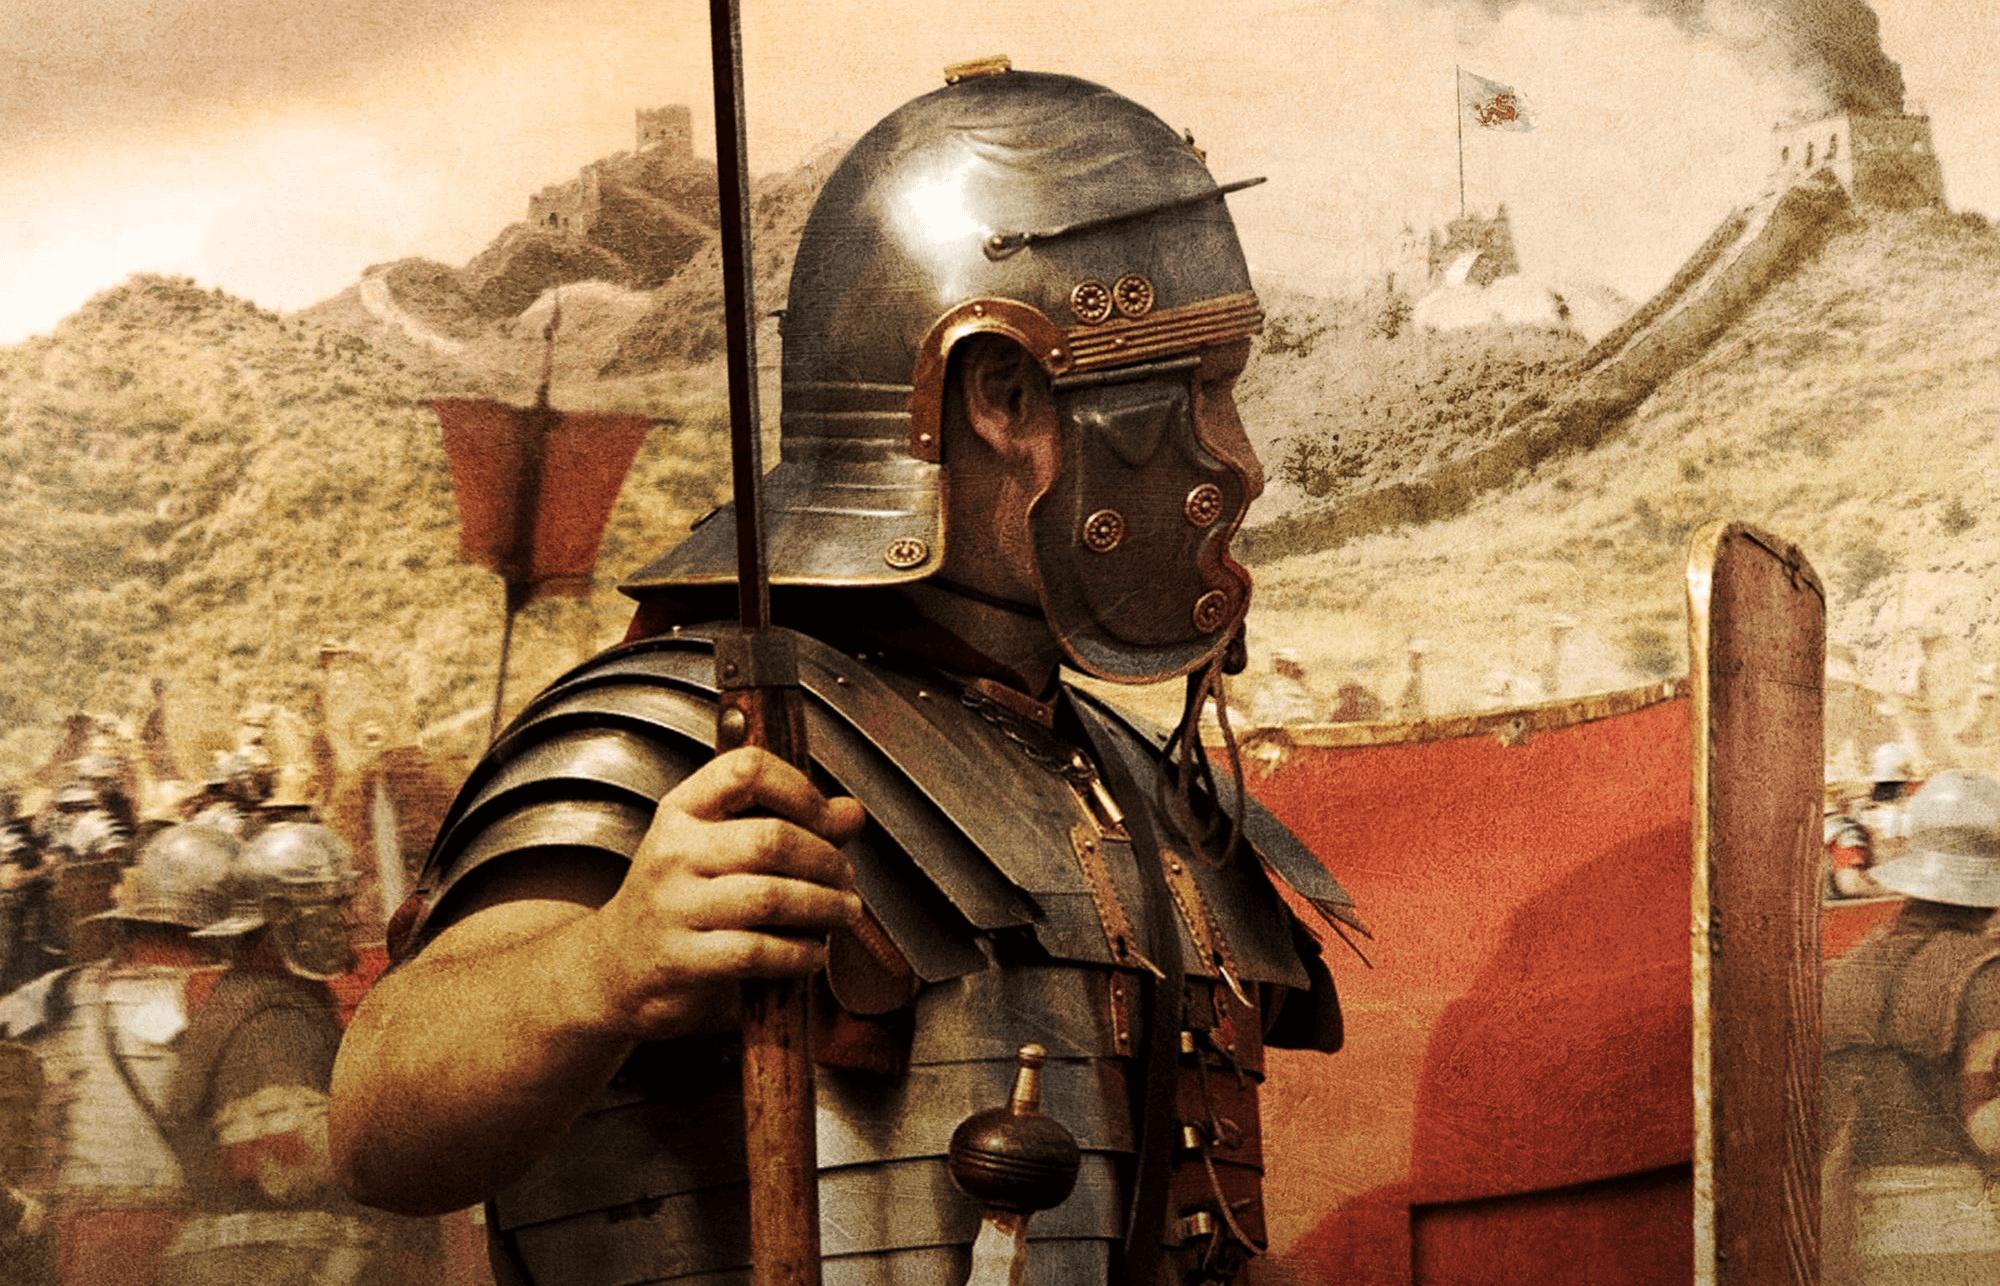 Asedio de Trajano a Hatra 117. Portada del libro ''la Legión perdida'' de Santiago Posteguillo